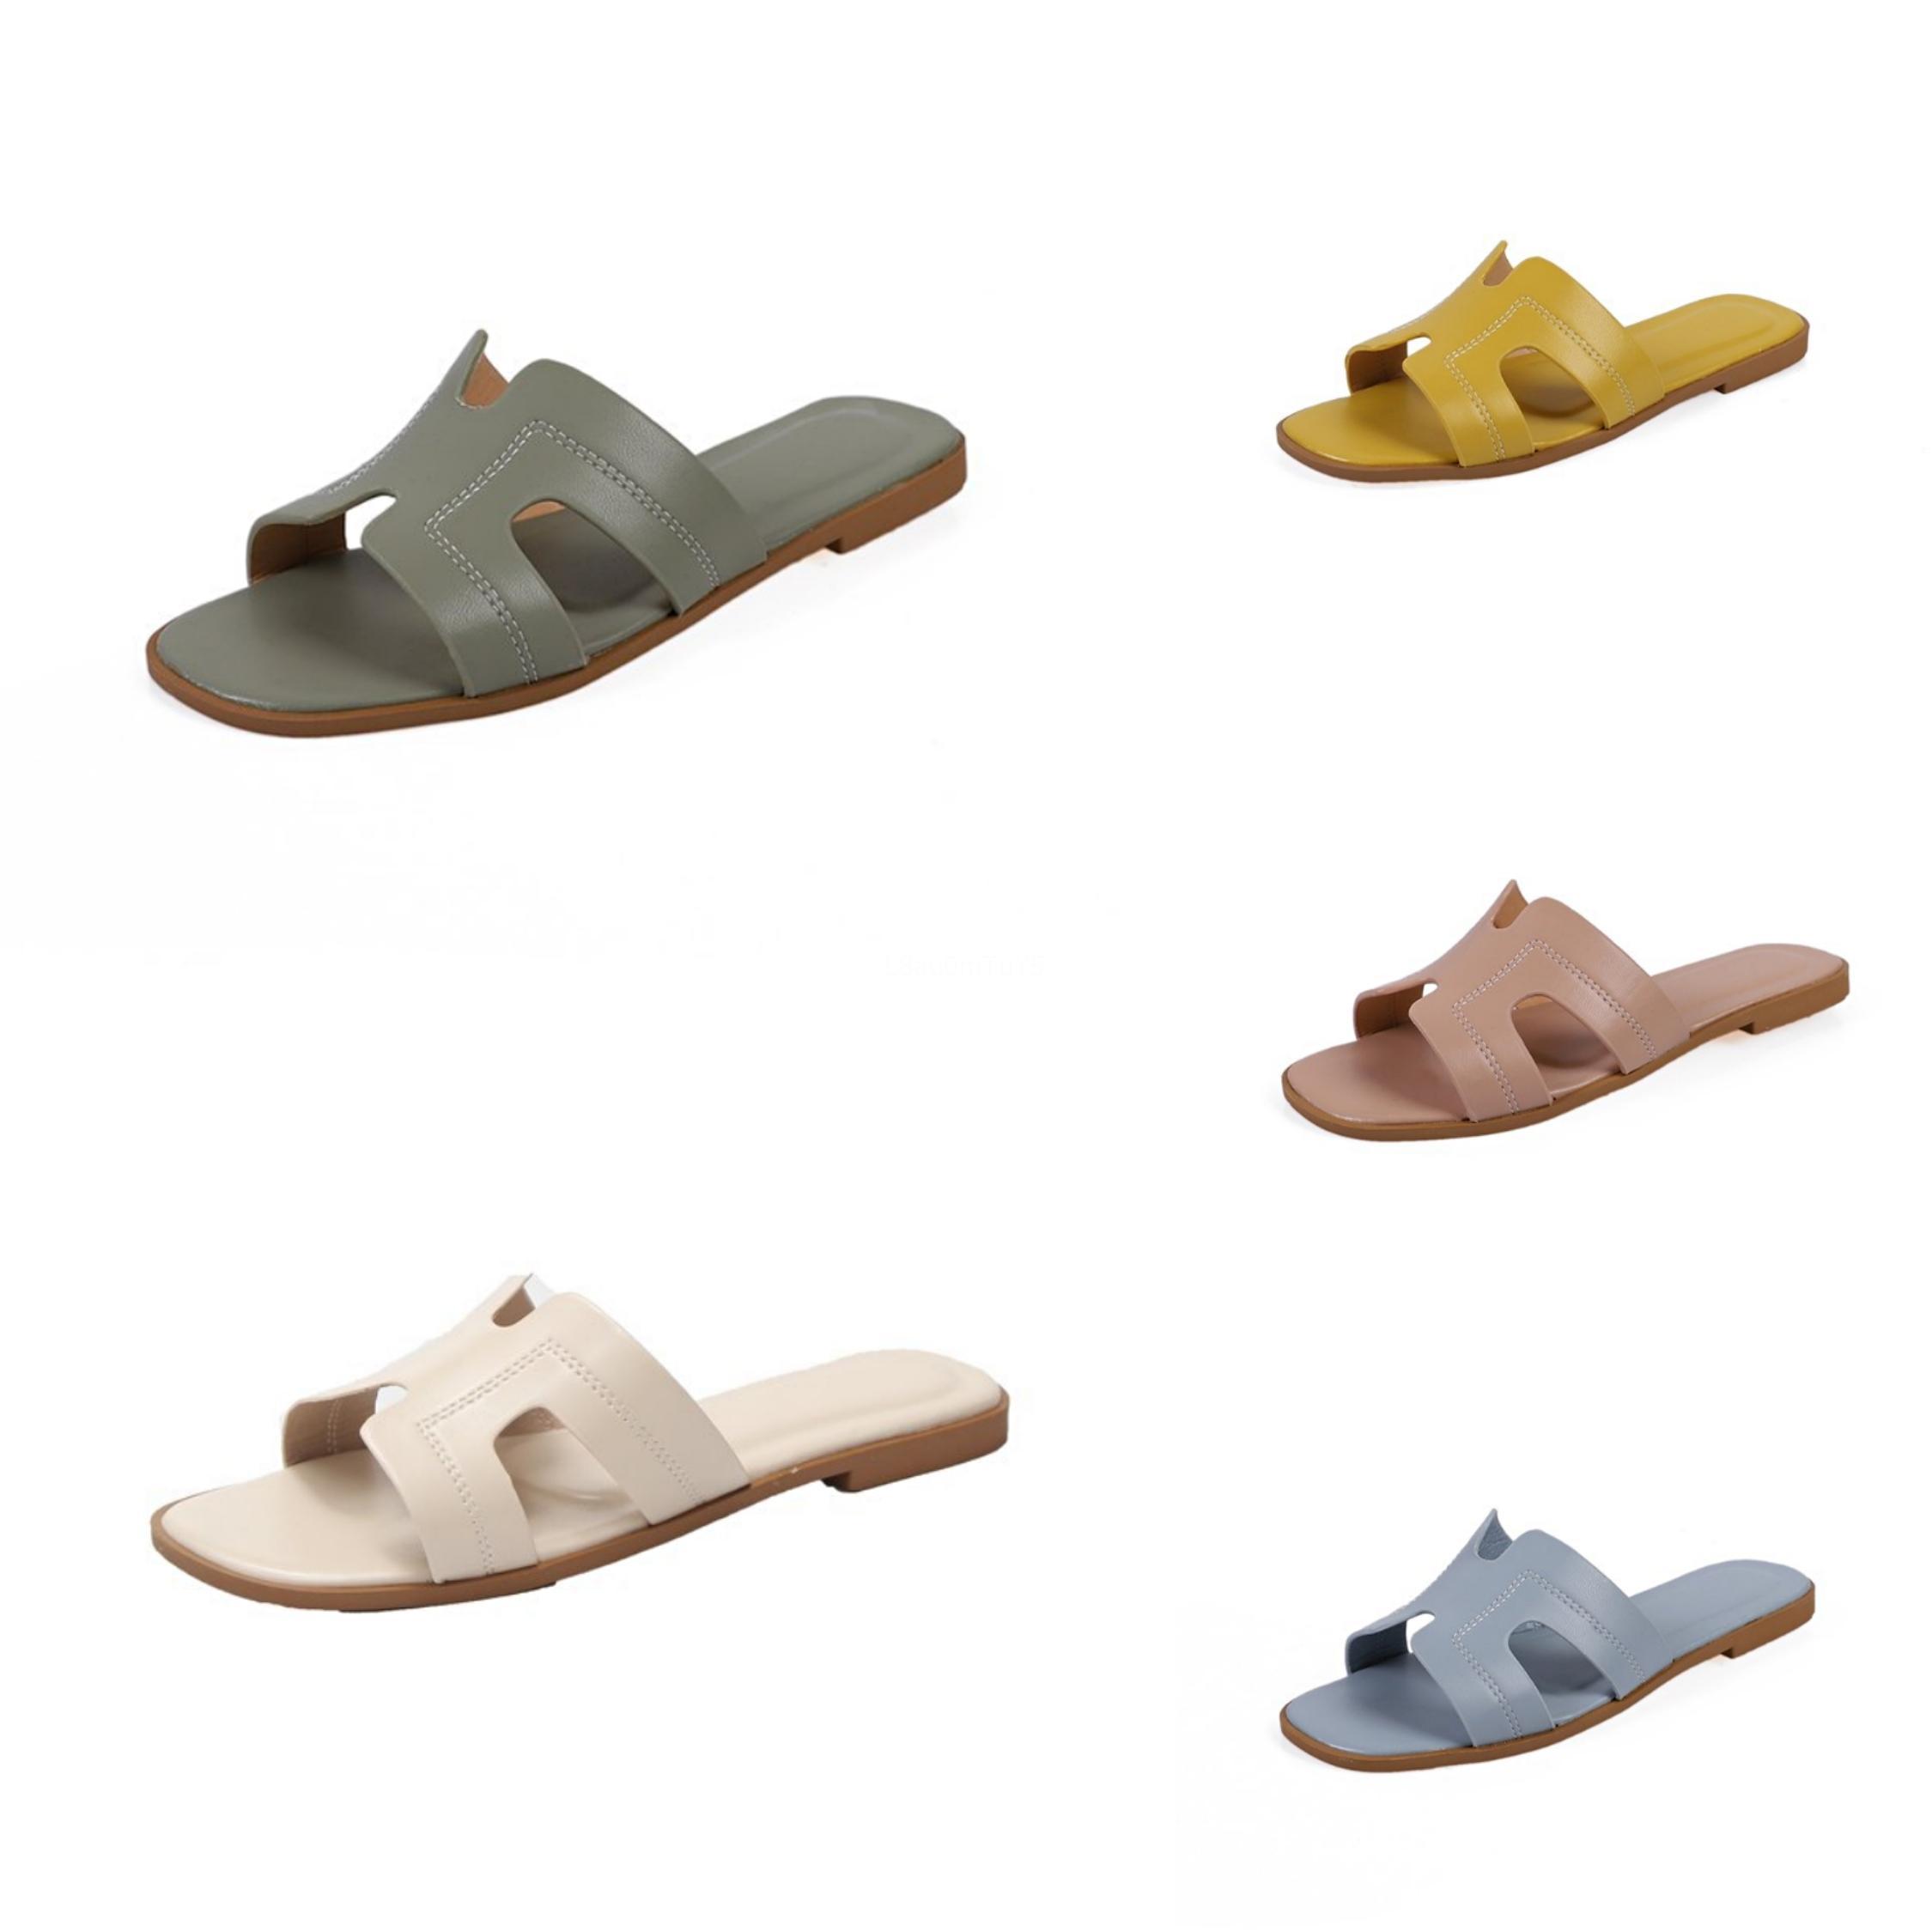 2020 Nuovo antisdrucciolevole molle Pantofole Bata spiaggia Scarpe bambino di estate H ragazze dei traspirante pistoni casuali scarpe da spiaggia # 623